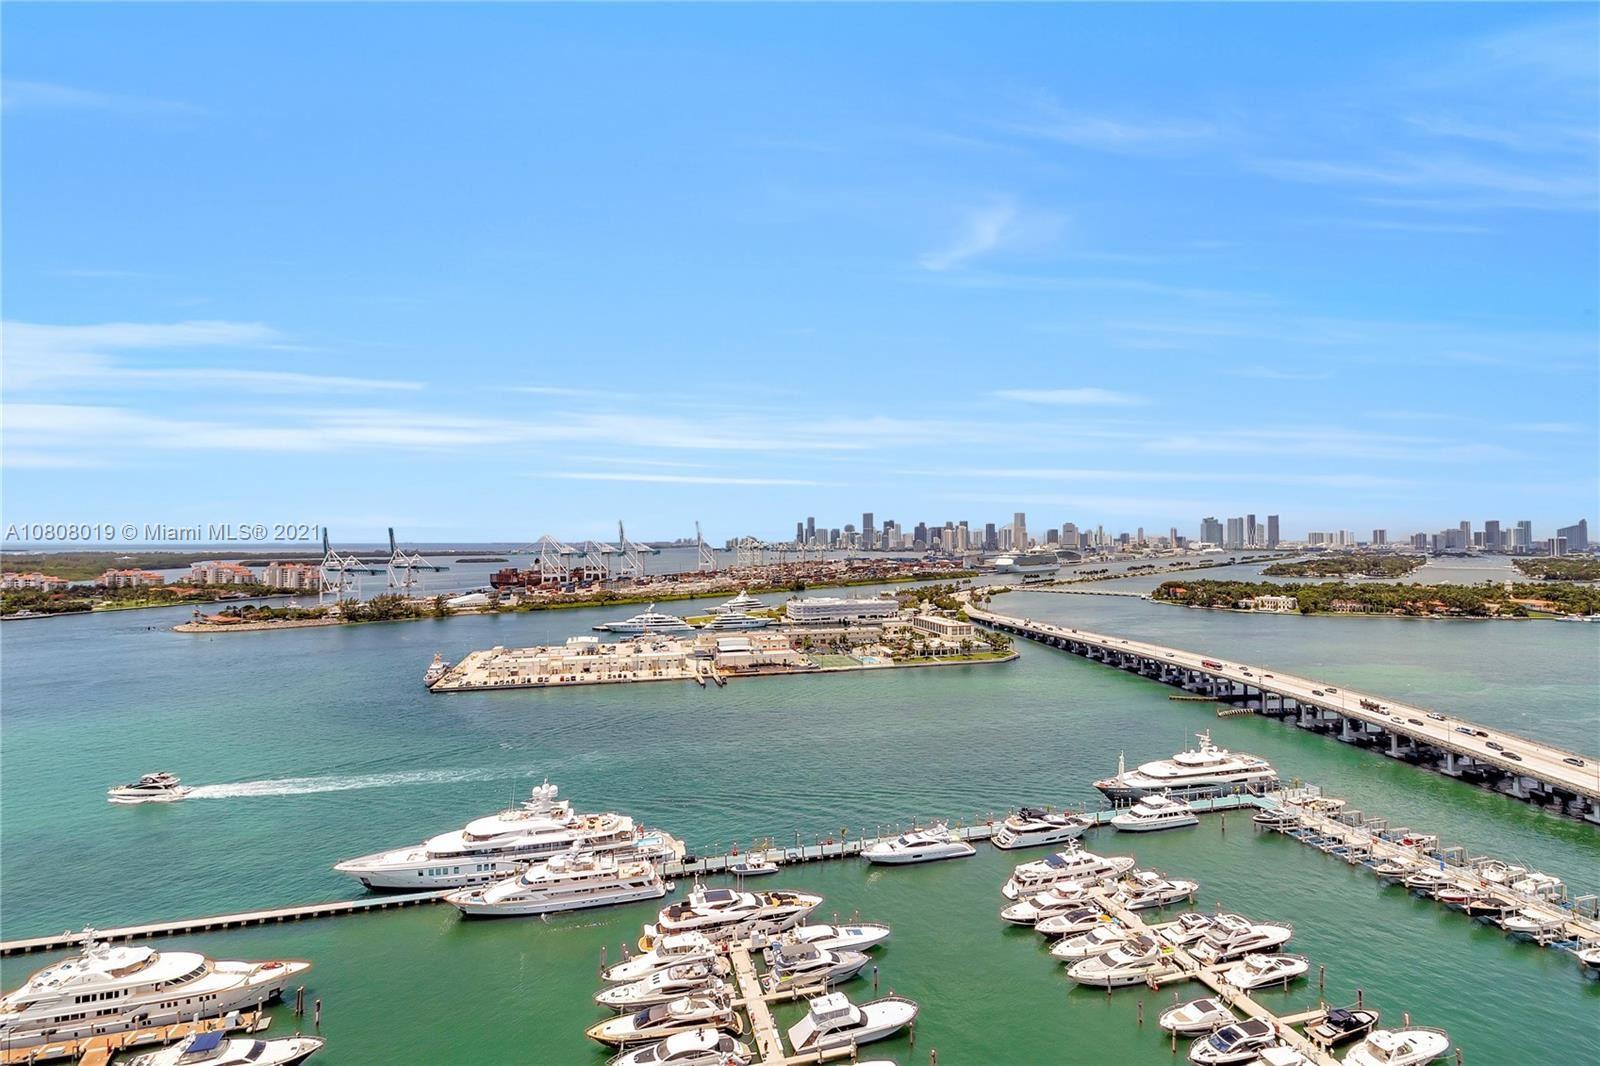 400 Alton Rd #2604, Miami Beach, FL 33139 - #: A10808019